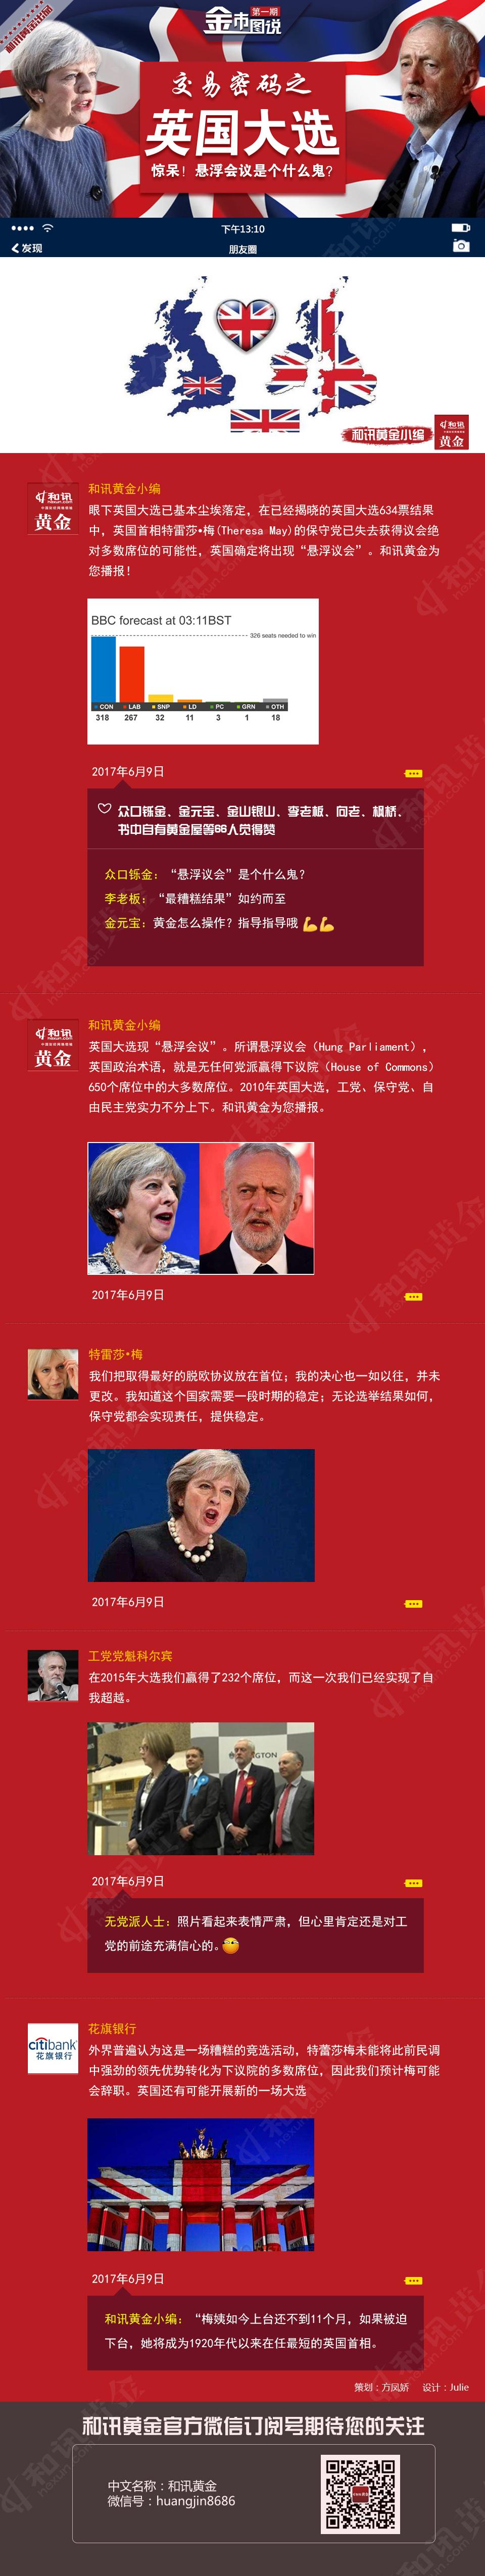 交易密码之英国大选 悬浮会议是个什么鬼